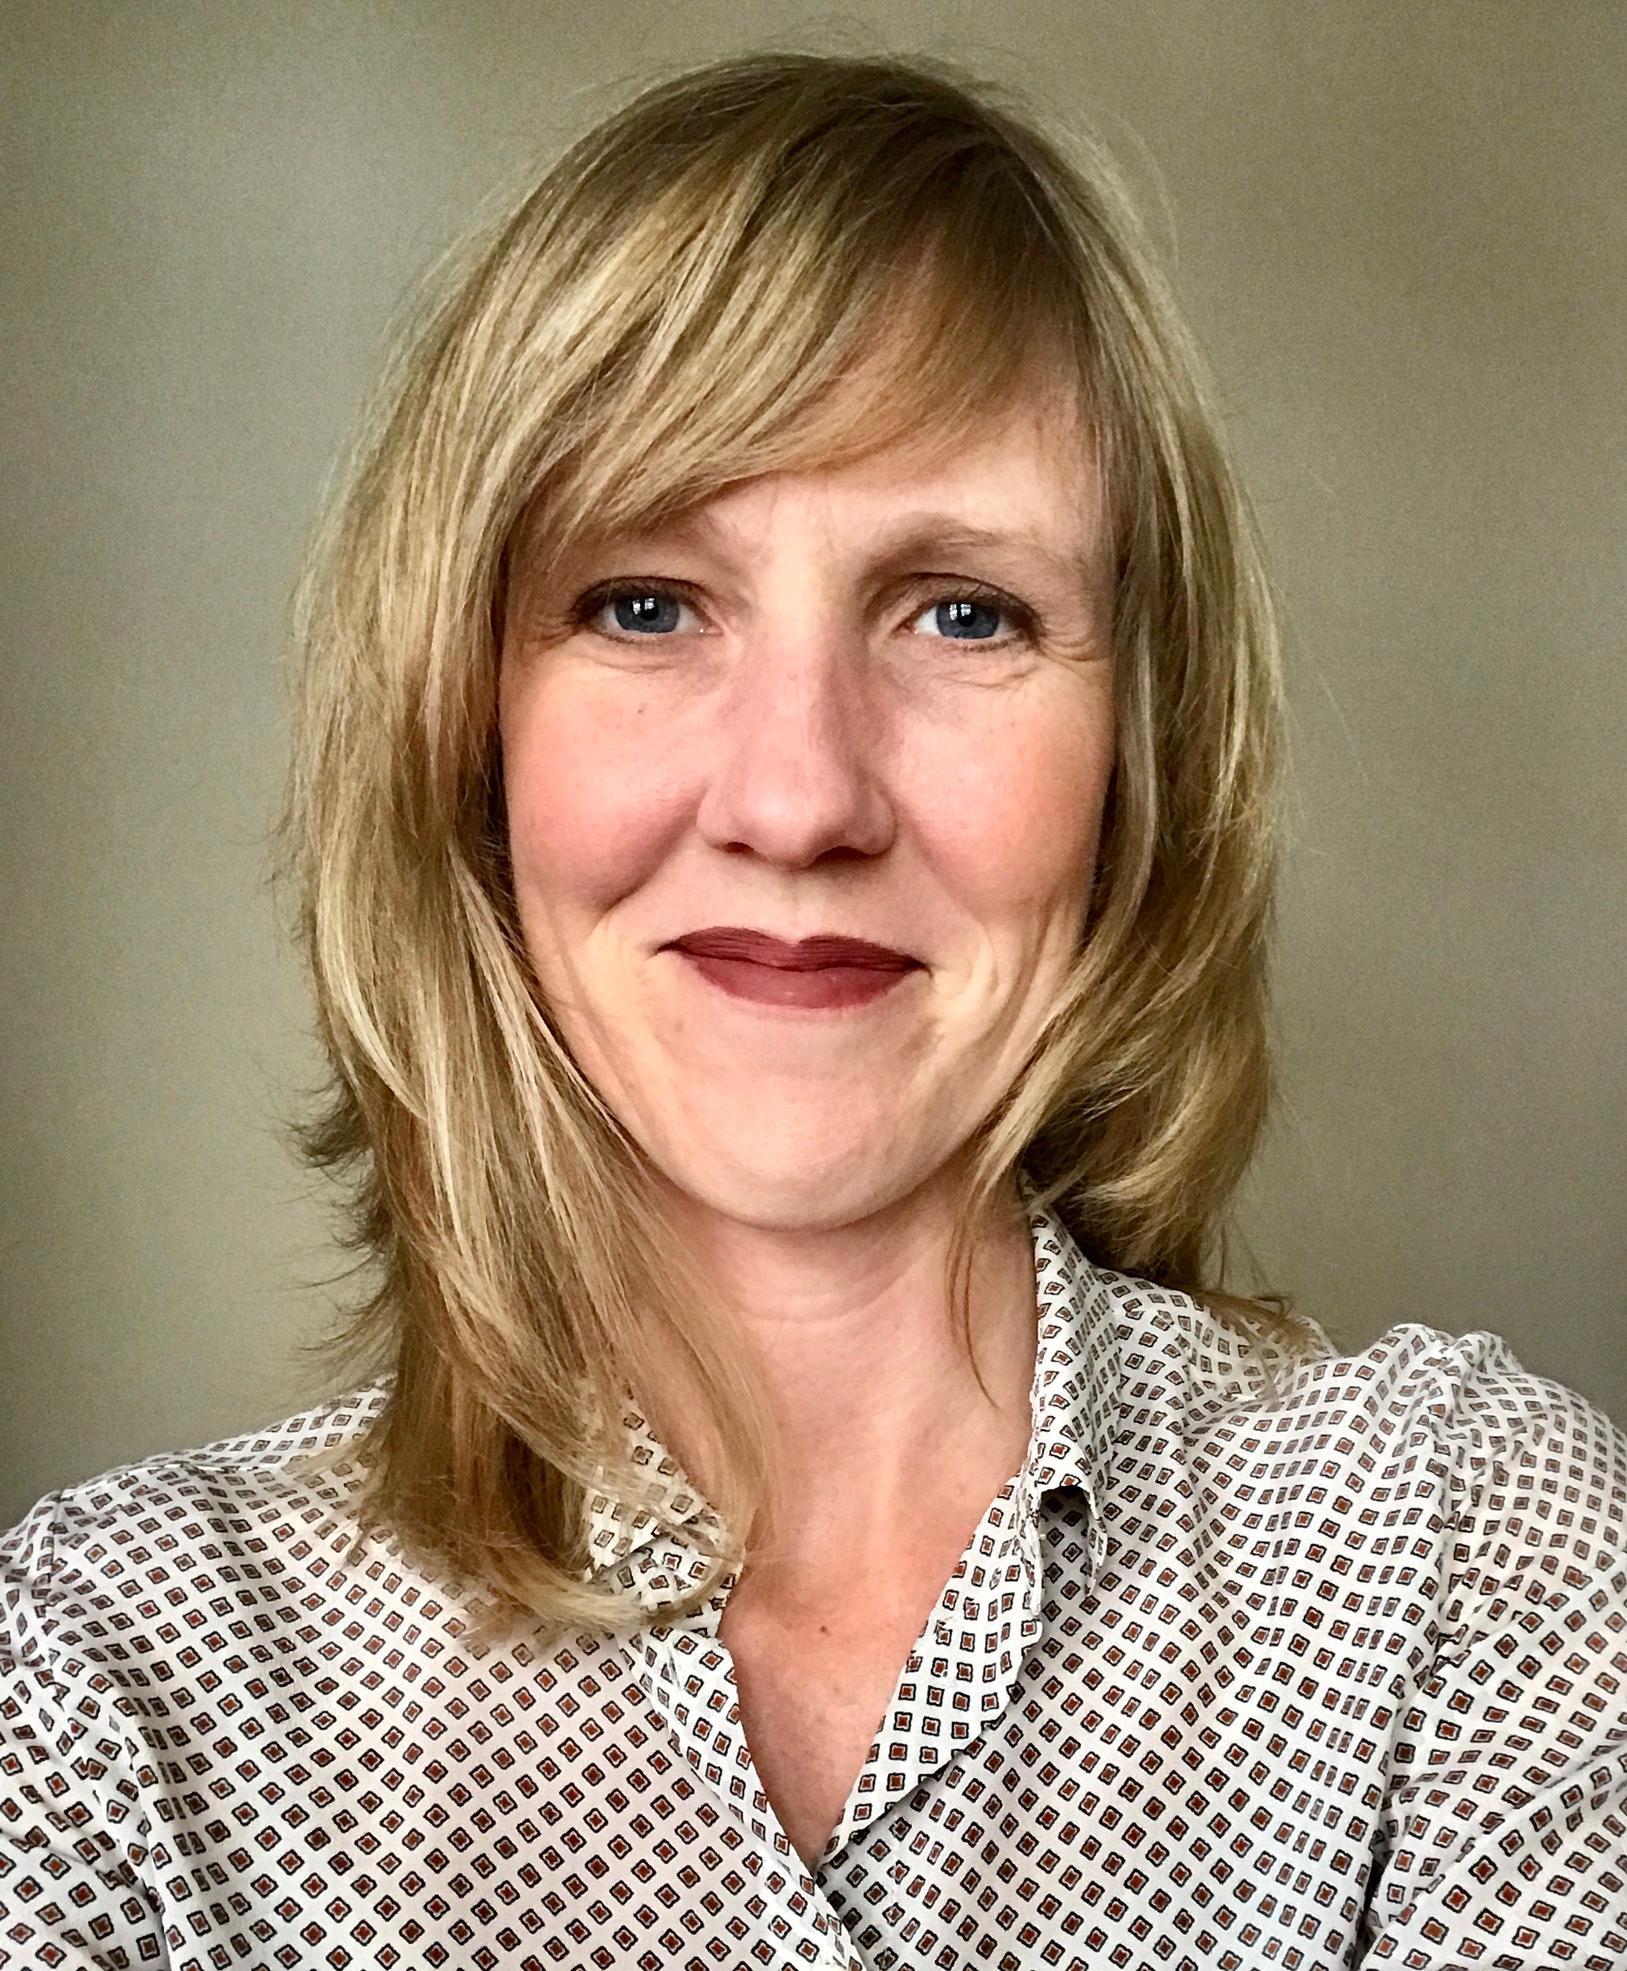 Kiara Jorgenson